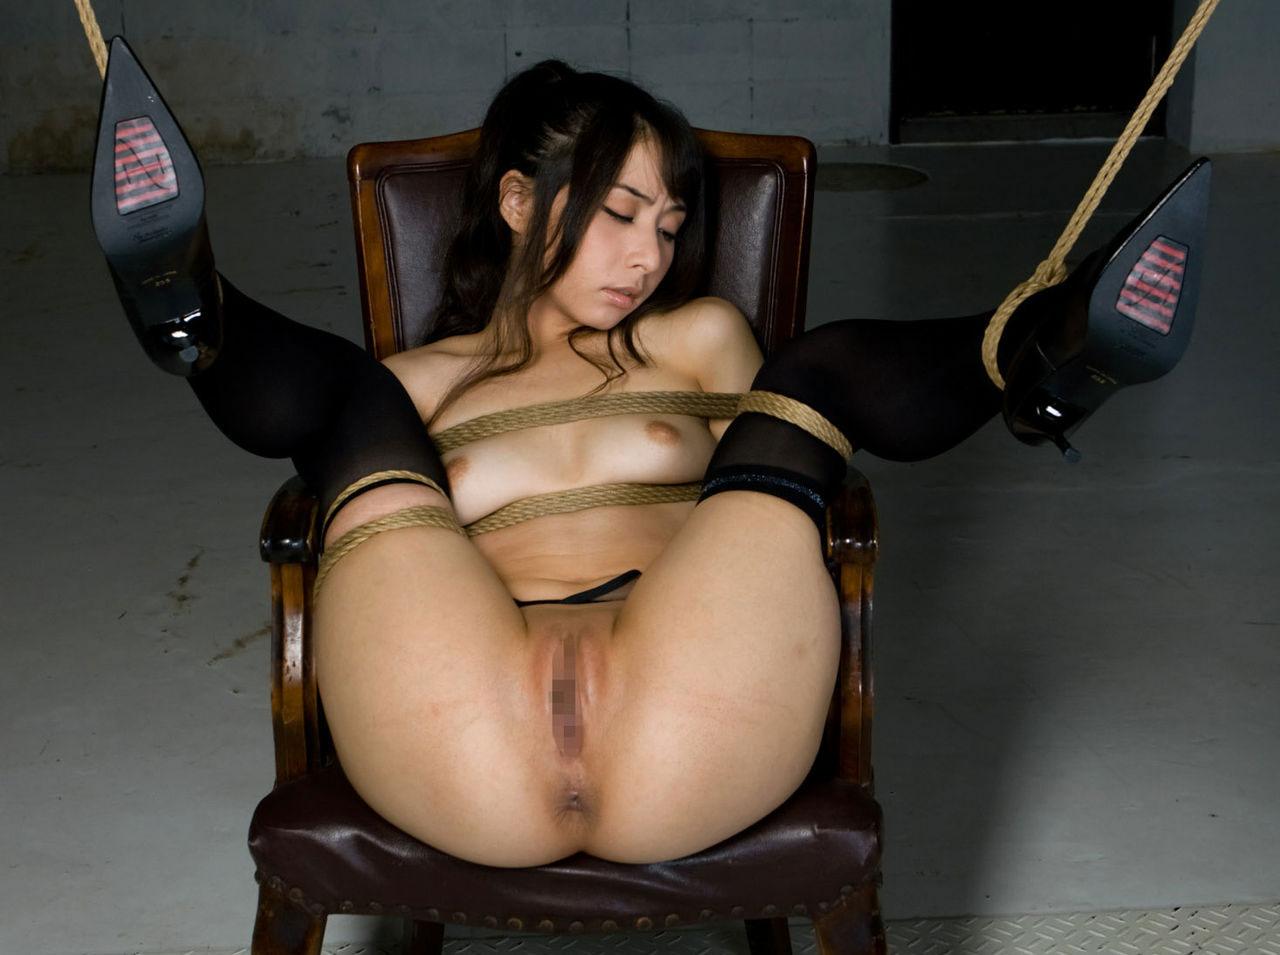 5kai008